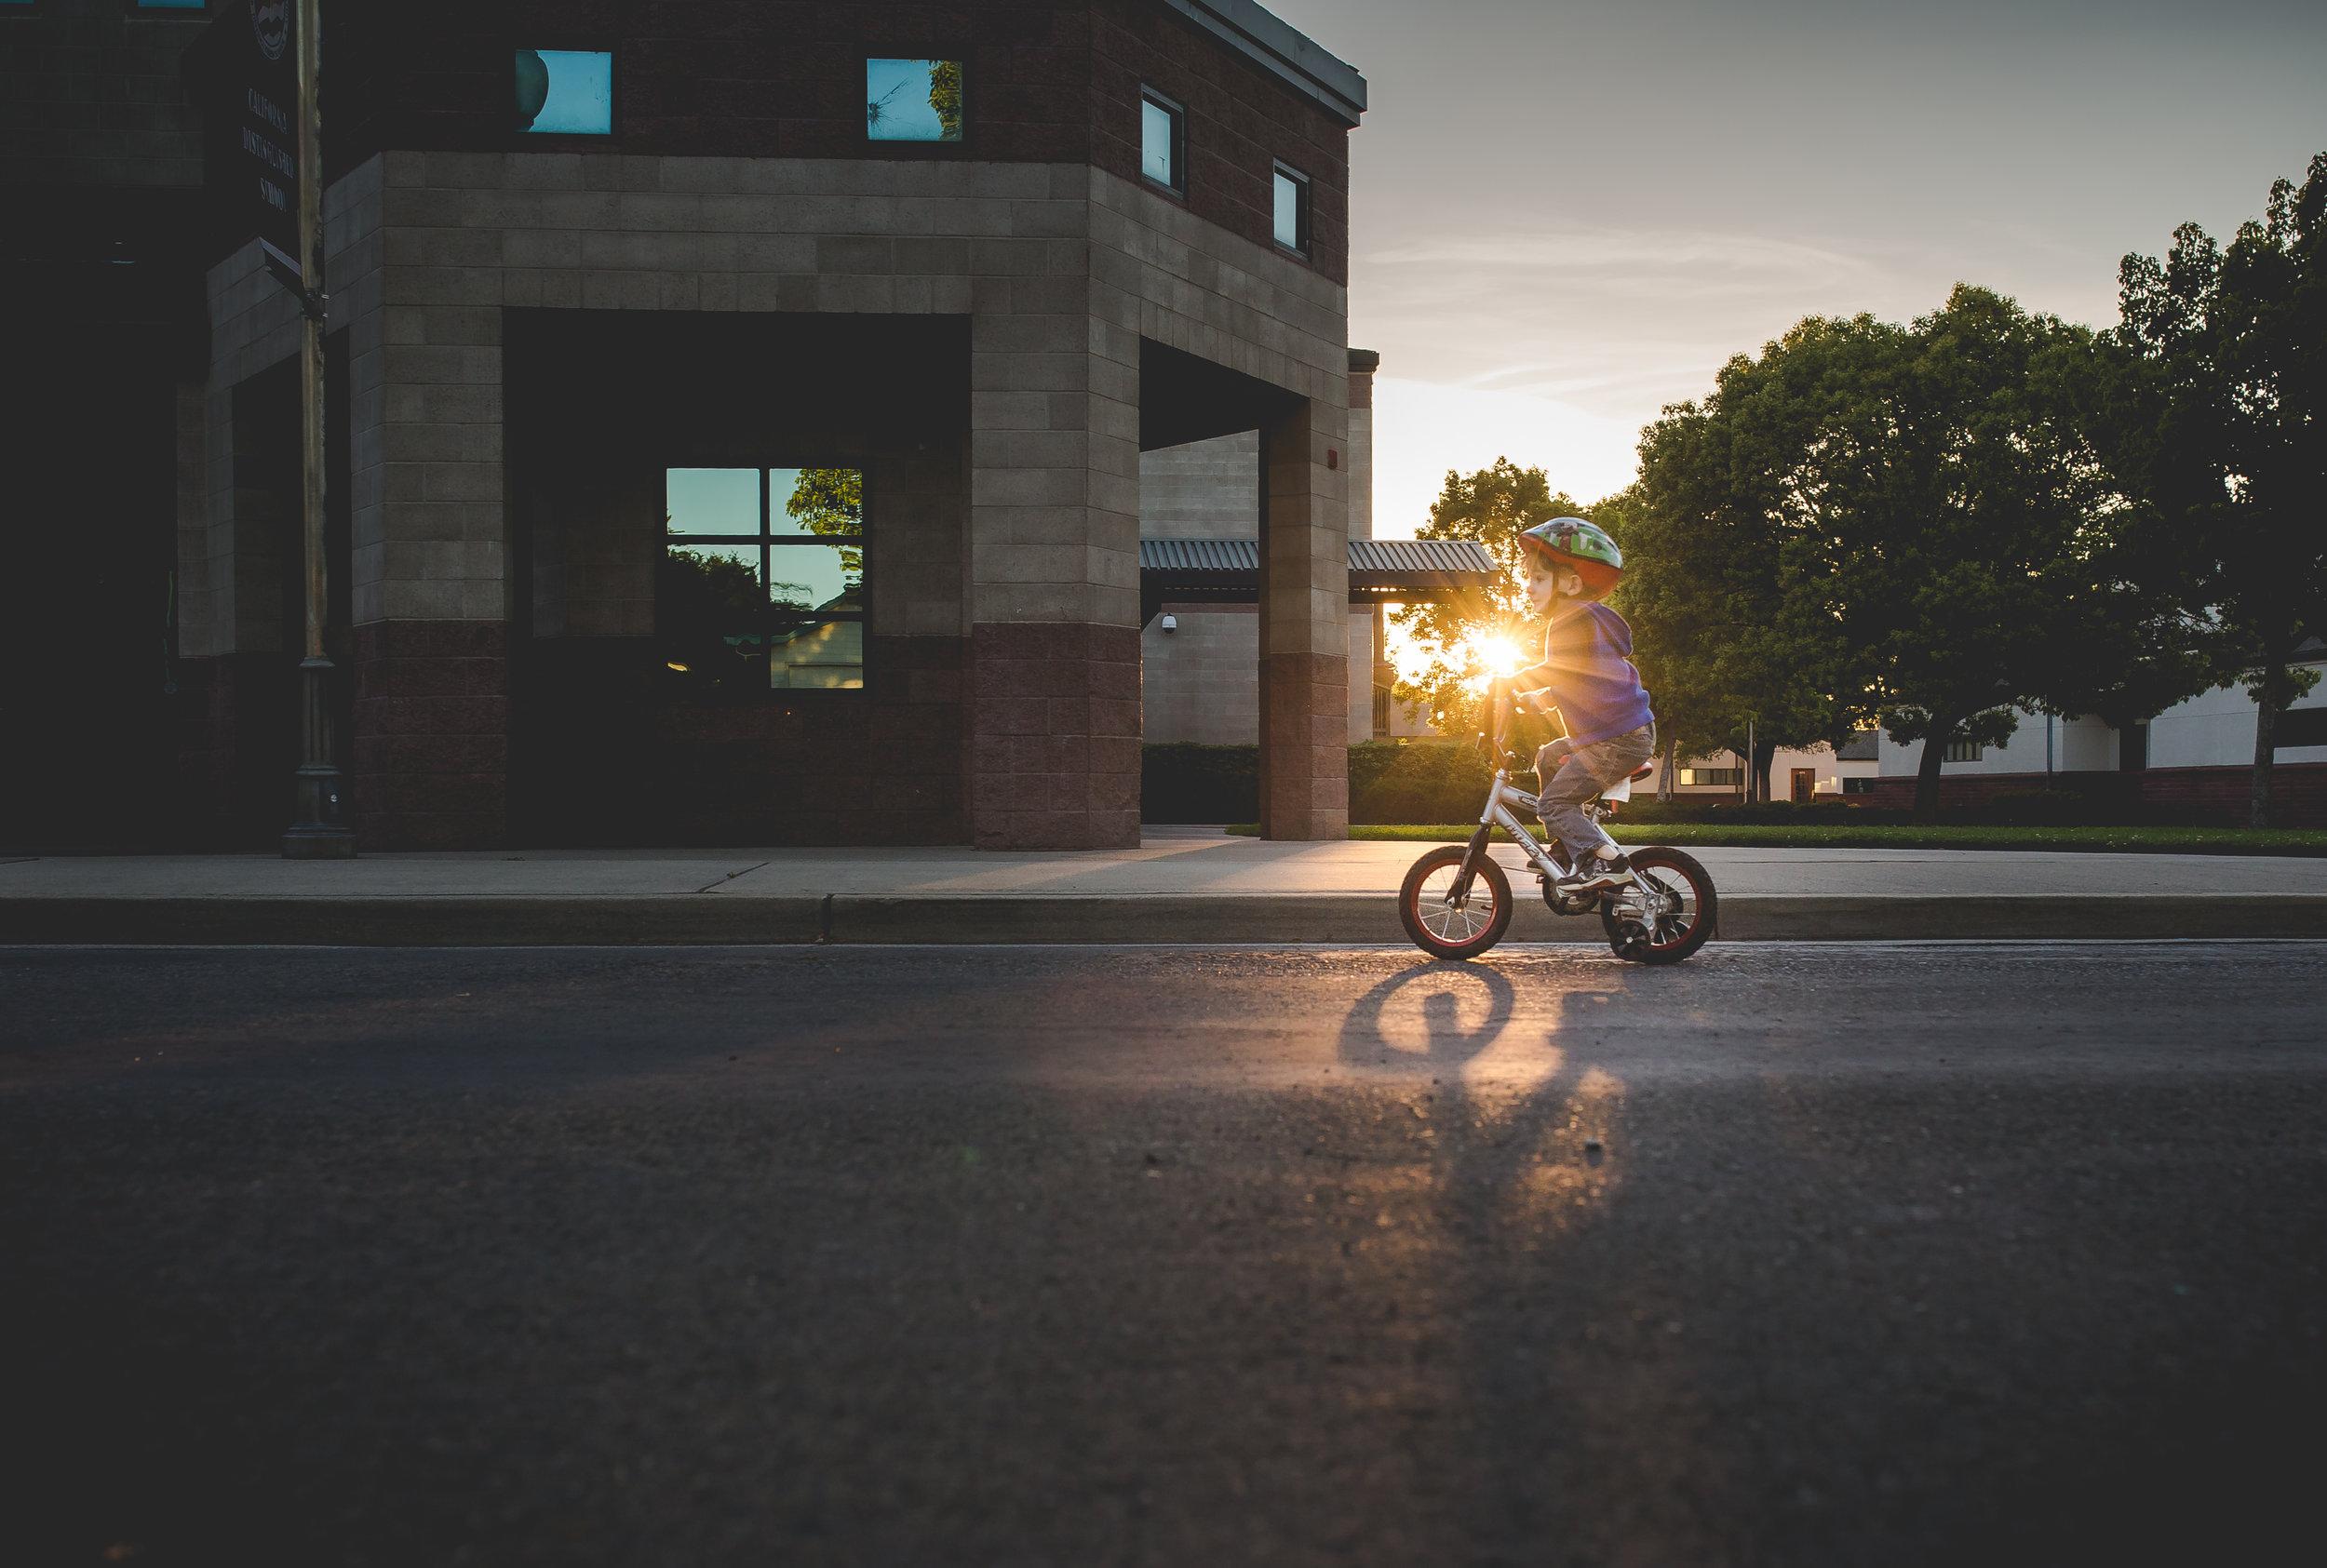 jesse on bike with sunburst 365.jpg